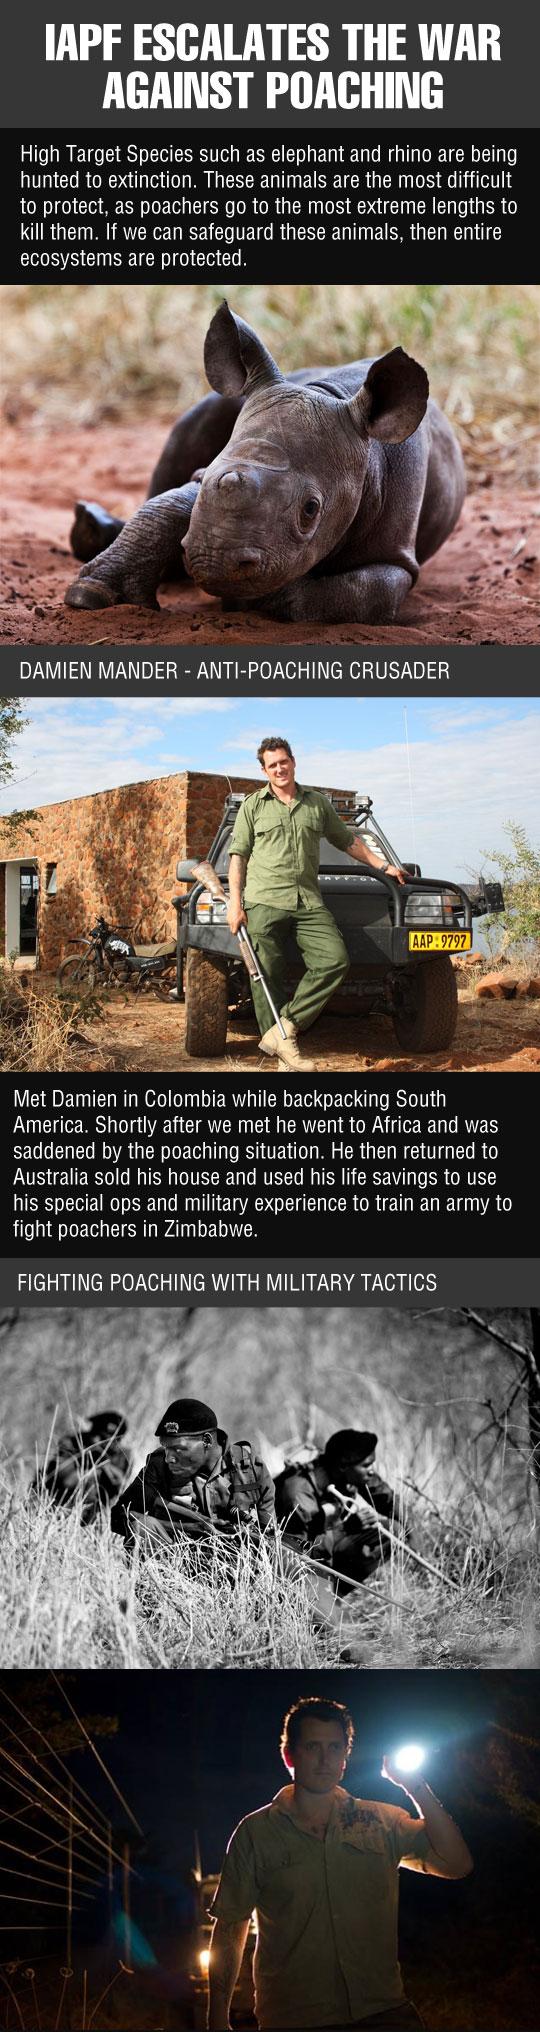 The Anti-Poaching Crusader